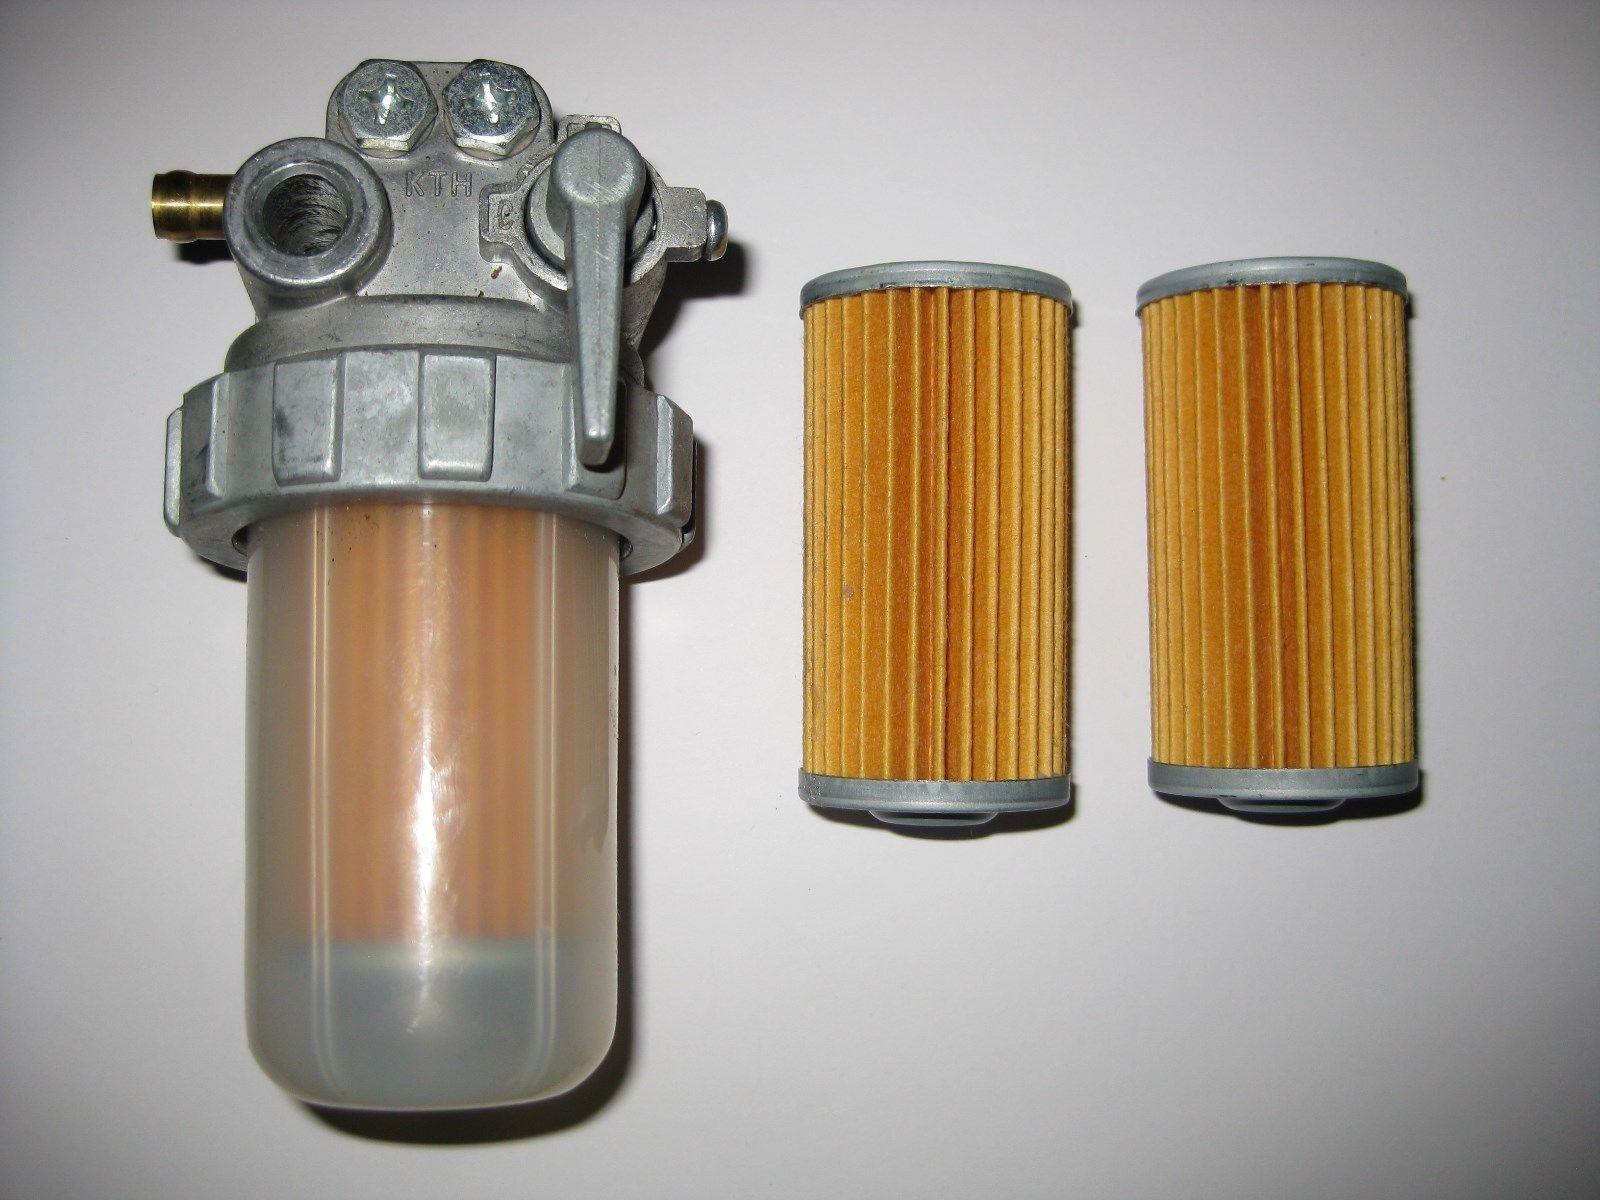 details about kubota model fuel filter valve 2 spare elements Kubota Diesel Fuel Filter